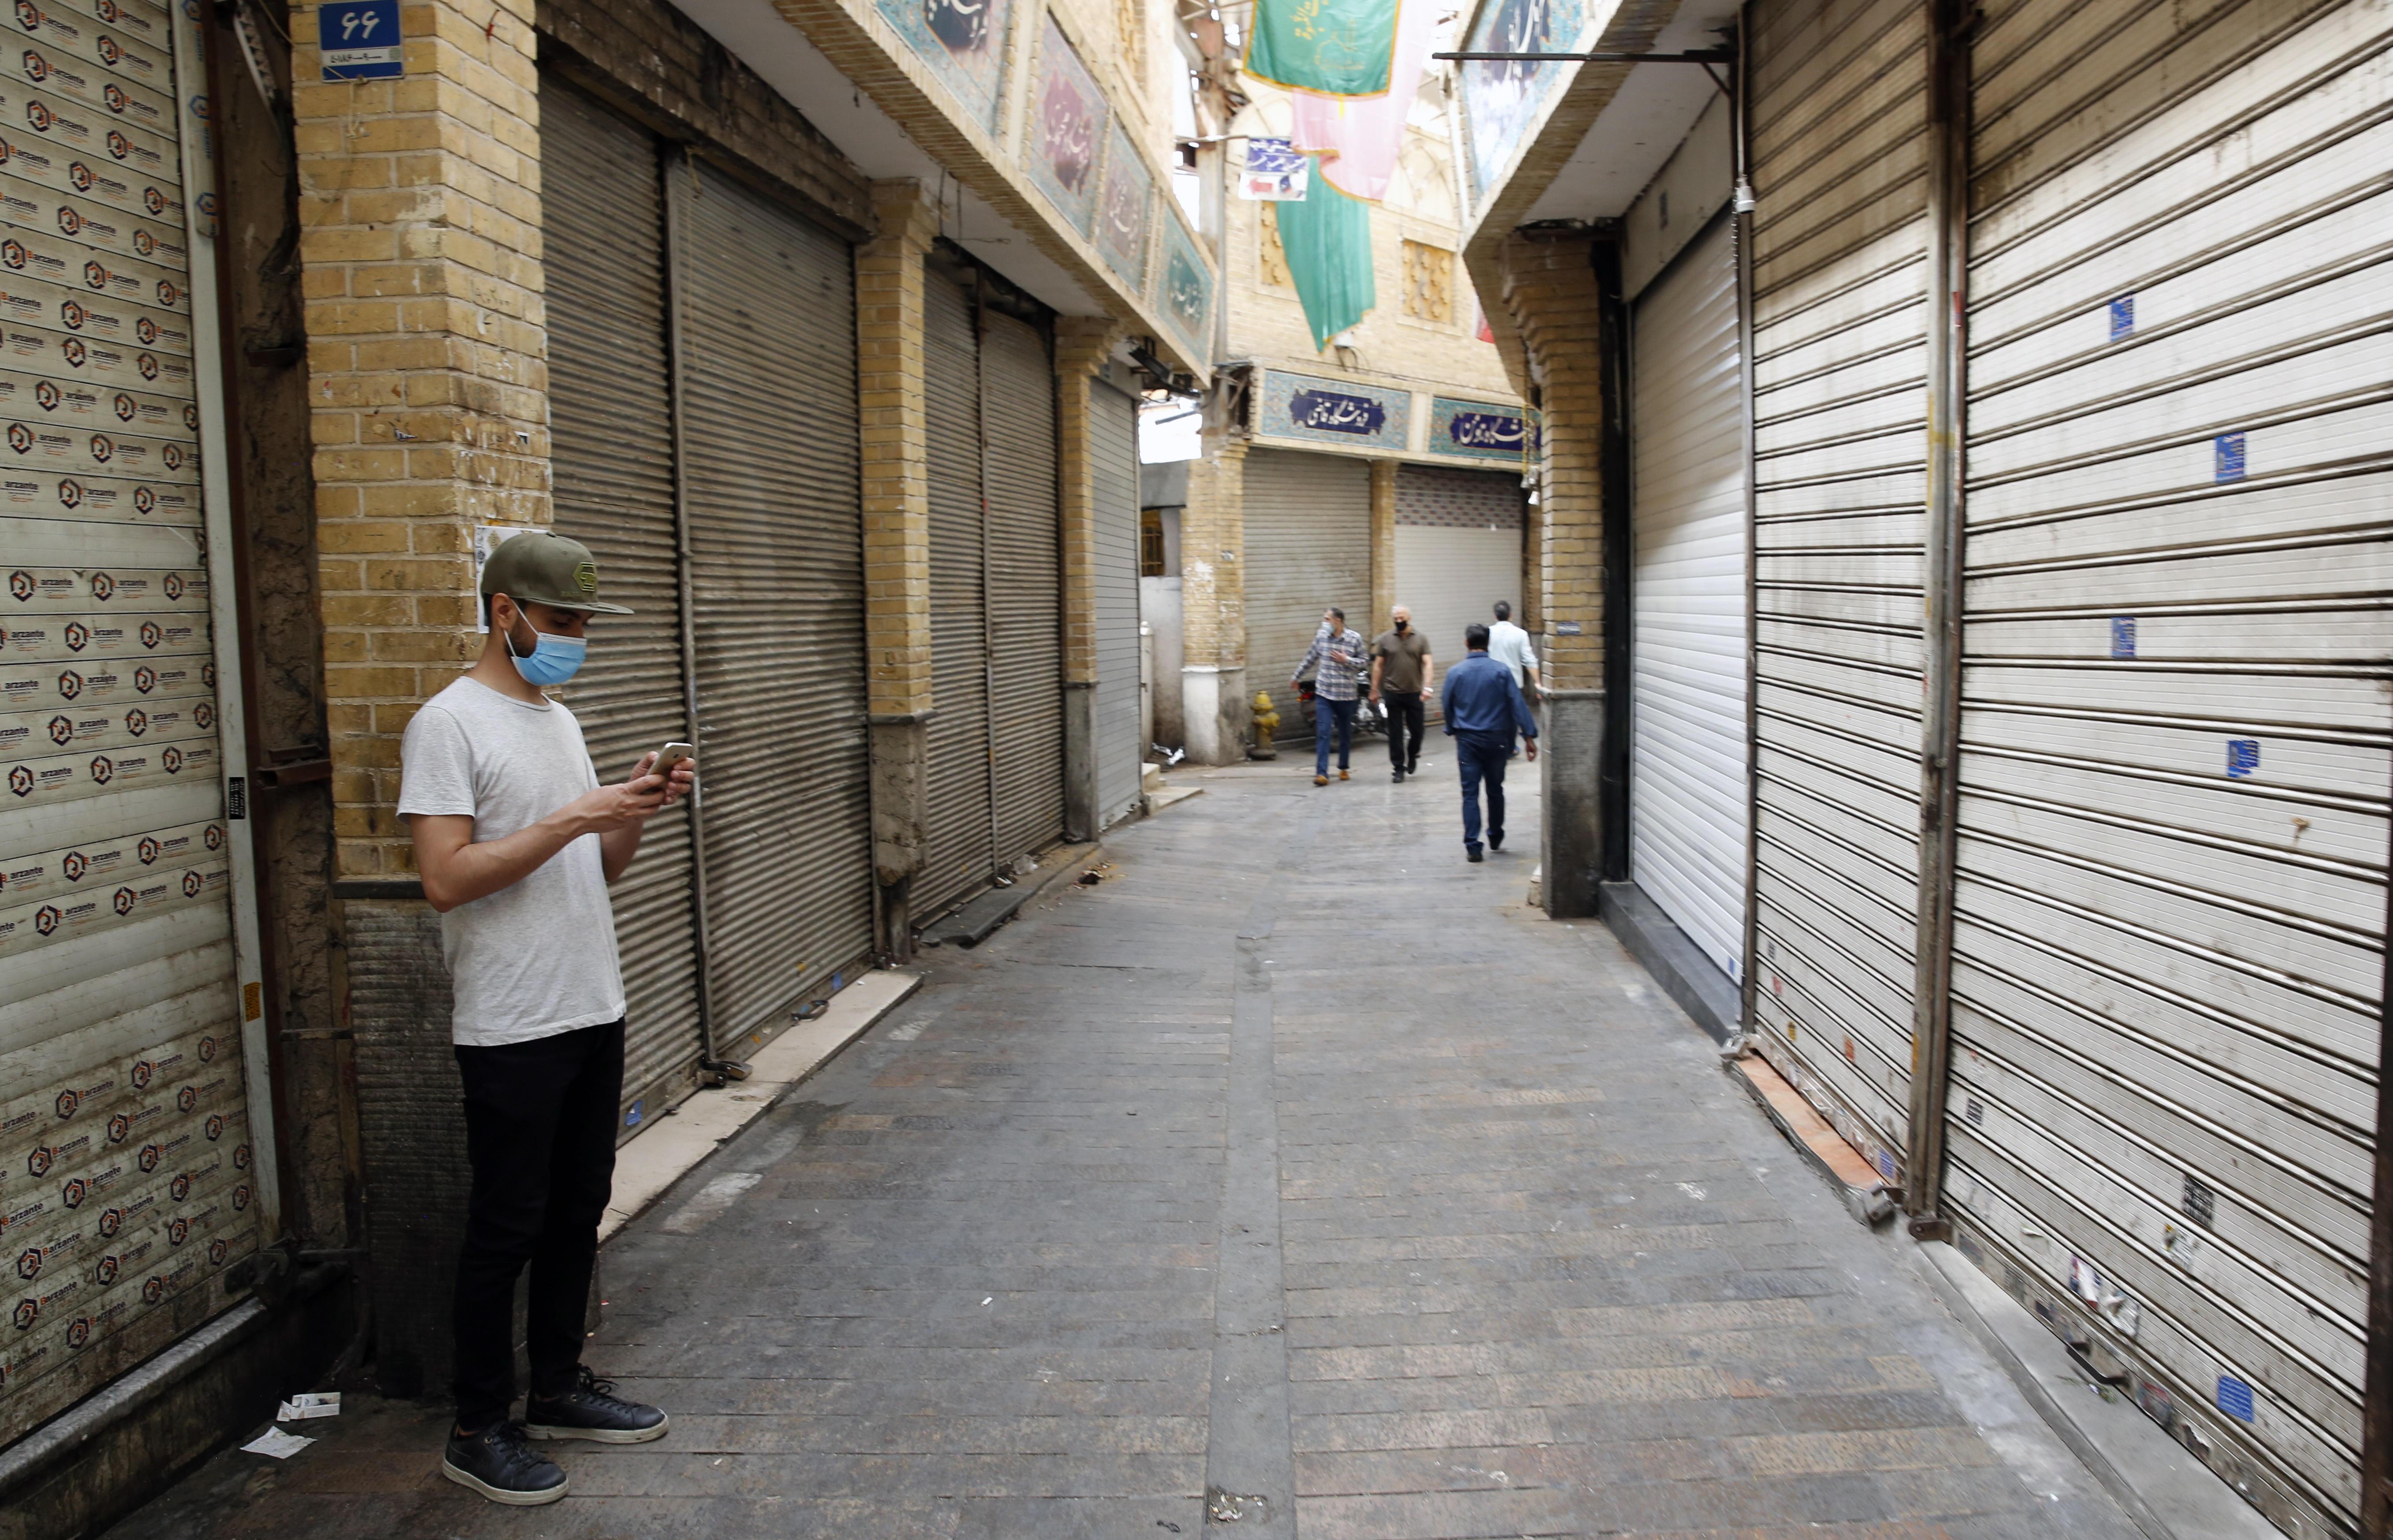 Tiendas cerradas en el bazar de Tajrish, en Teherán.